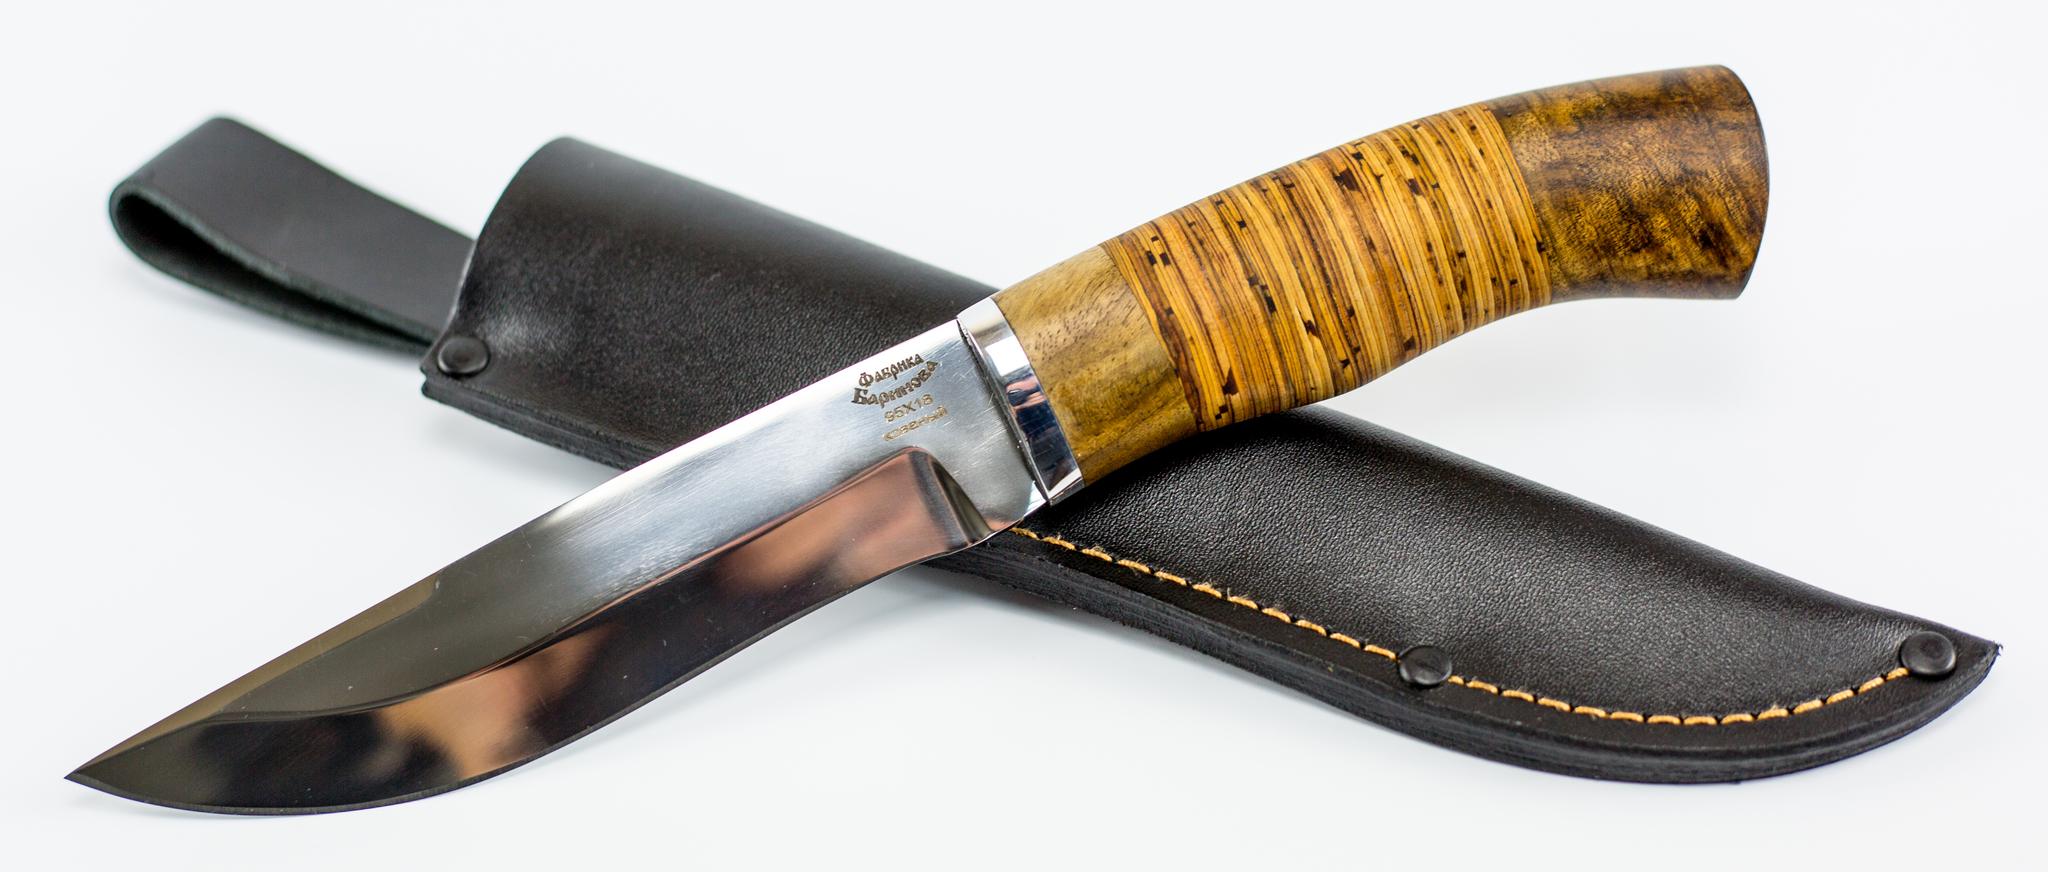 Фото 11 - Нож Южный-2 в бересте, 95Х18 от Фабрика Баринова